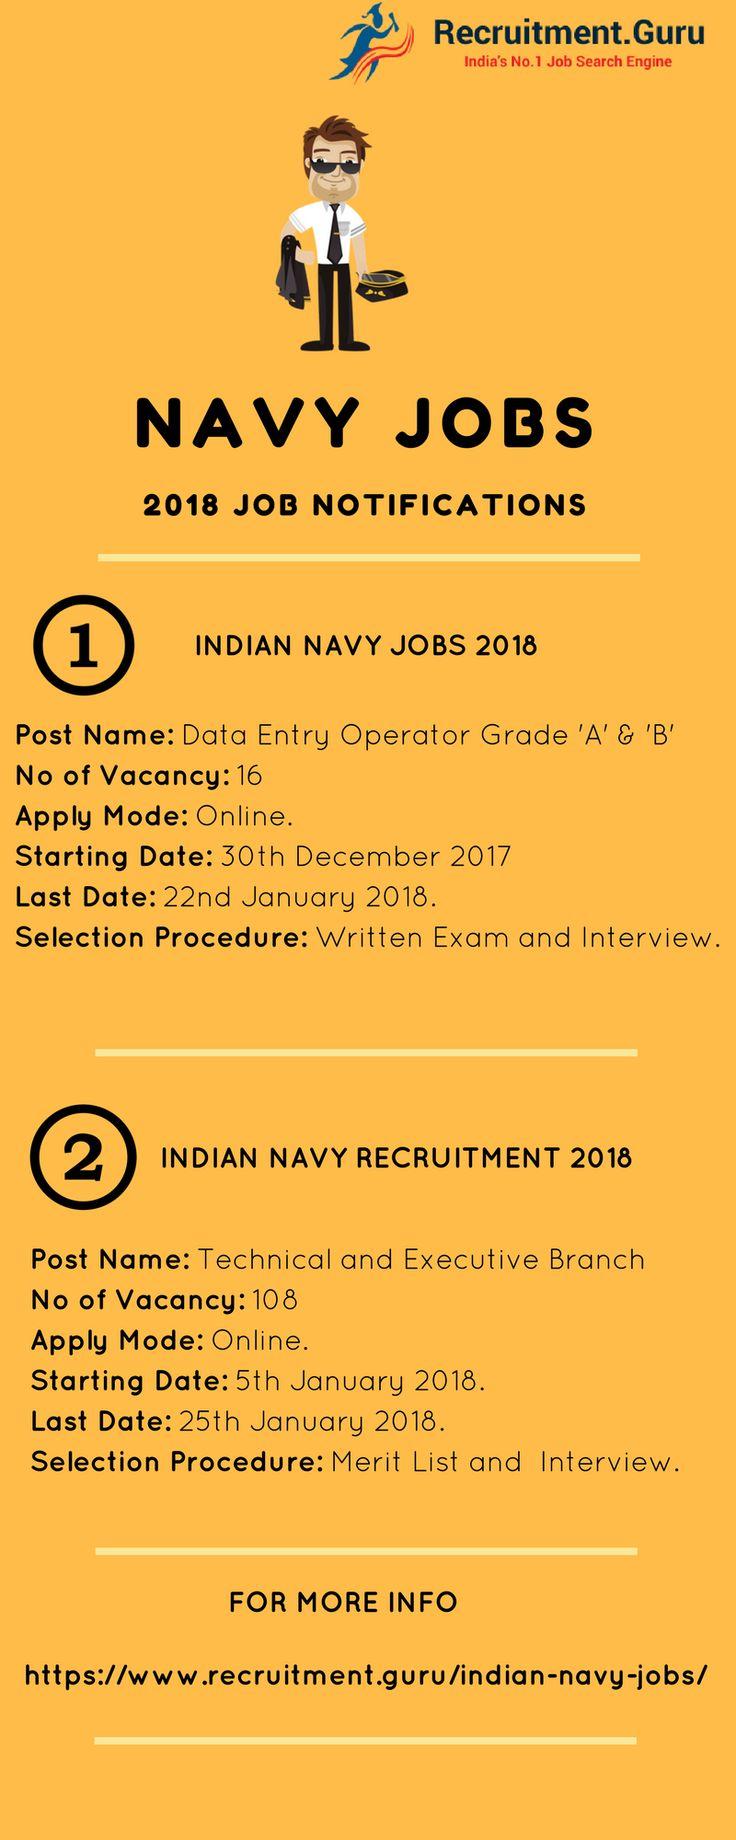 Navy Jobs 2018 | Navy Recruitment 2018 | Recent Jobs in Navy | Join Indian Navy